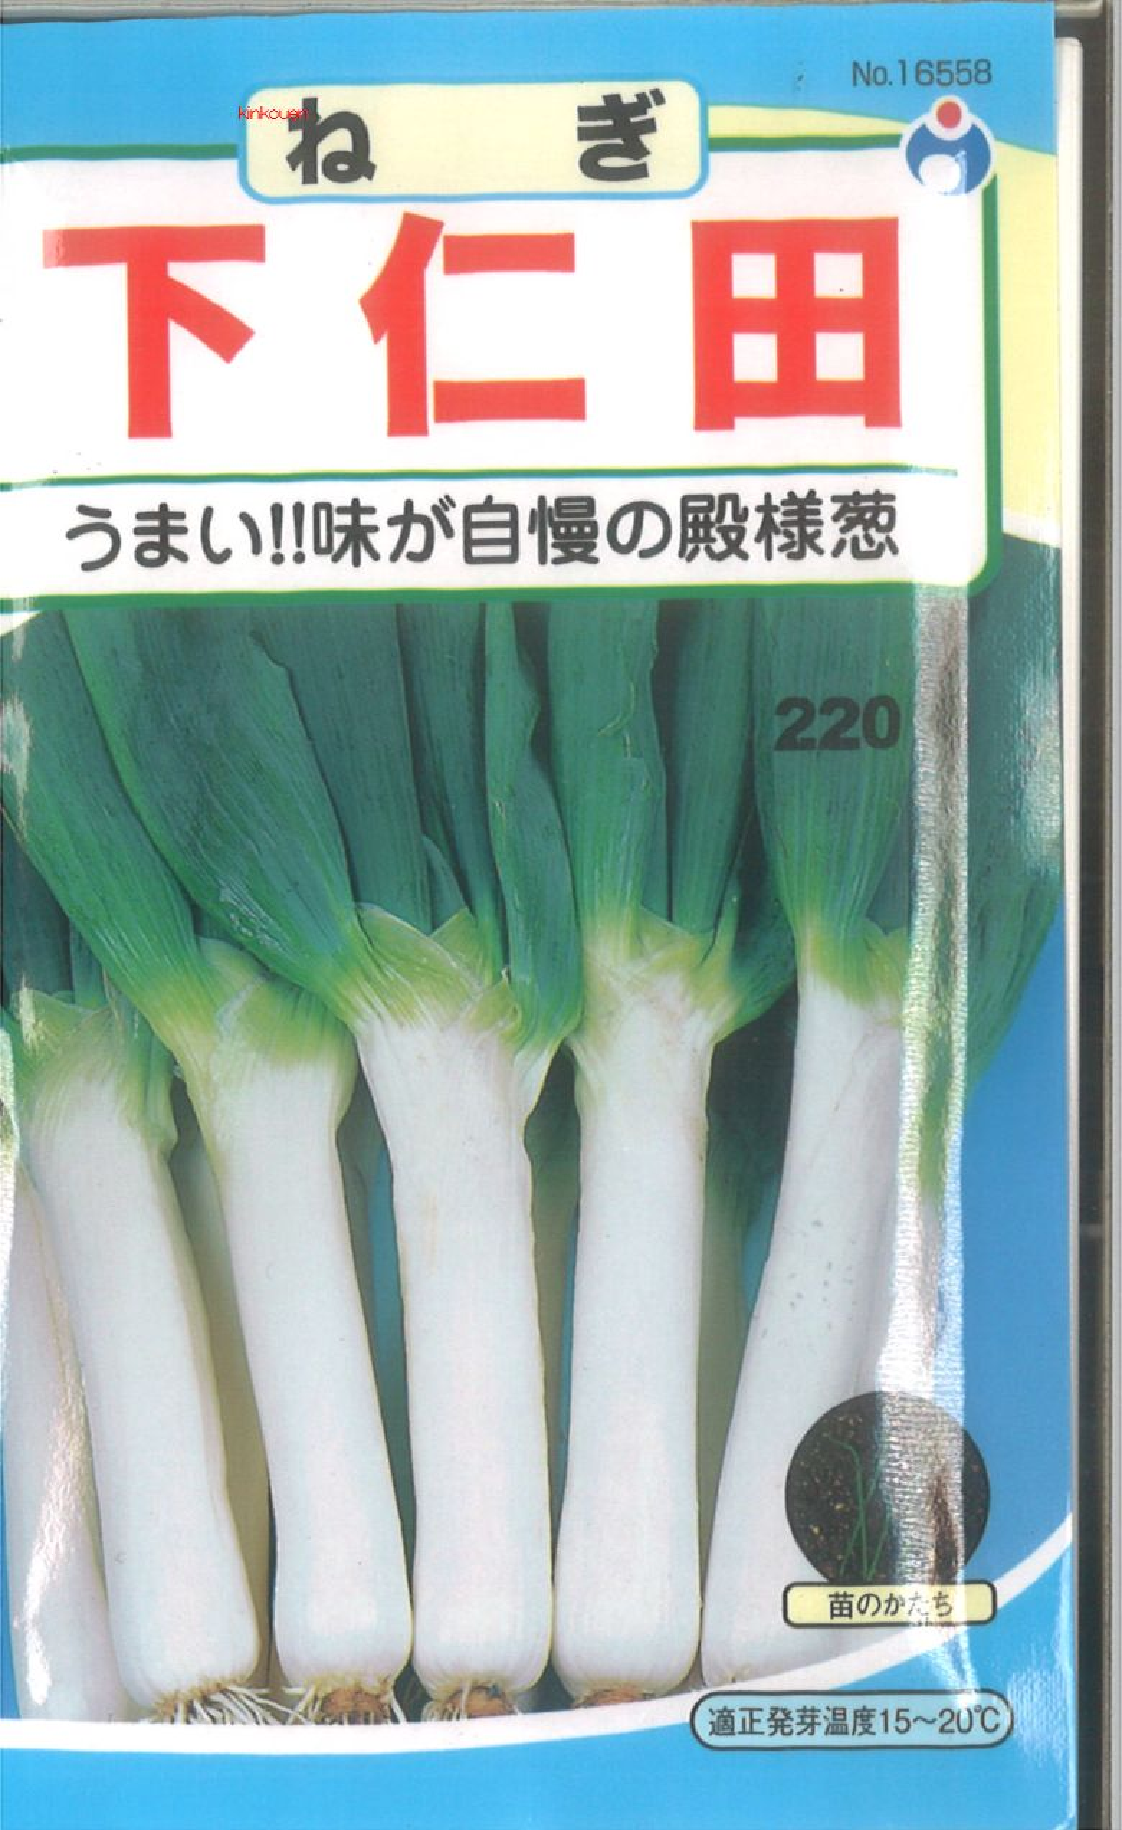 【代引不可】【5袋まで送料80円】 □ ネギ 下仁田ねぎ